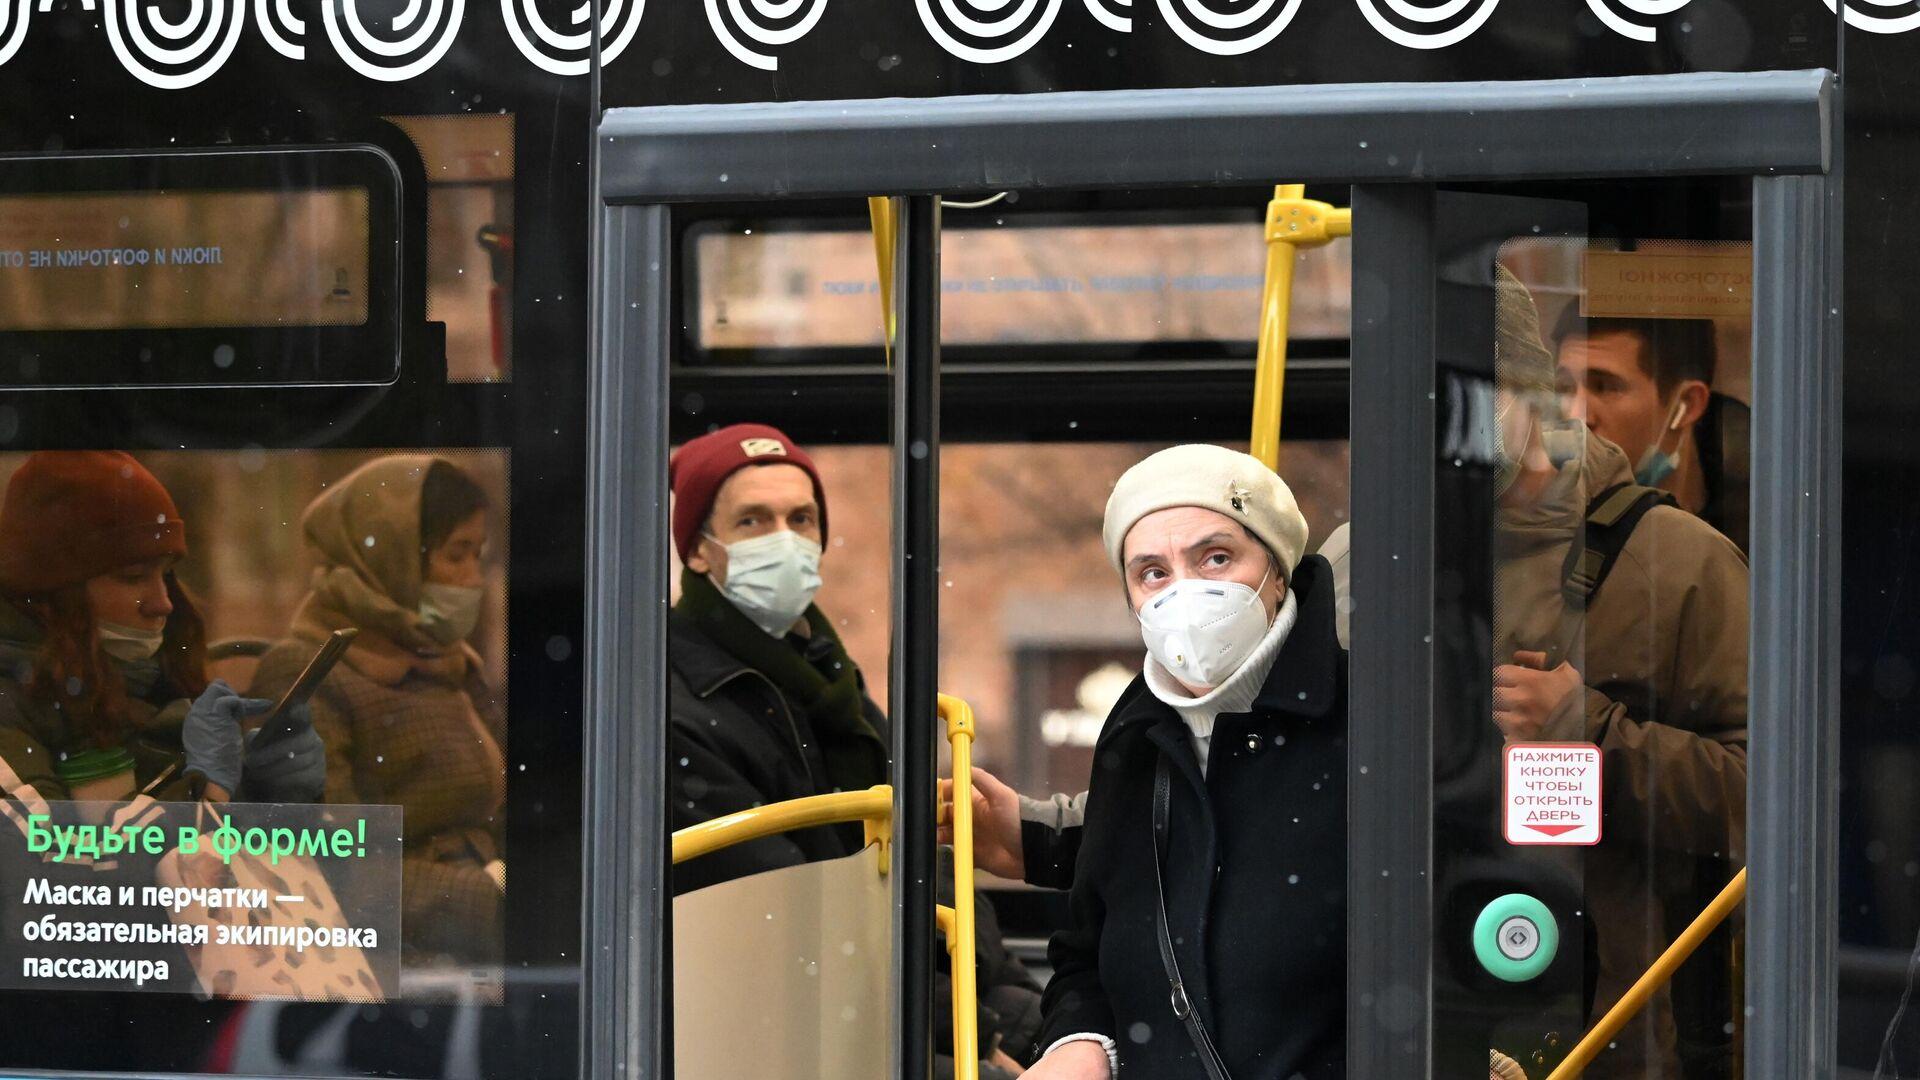 Люди в защитных масках на остановке общественного транспорта на Ленинском проспекте в Москве - РИА Новости, 1920, 17.11.2020